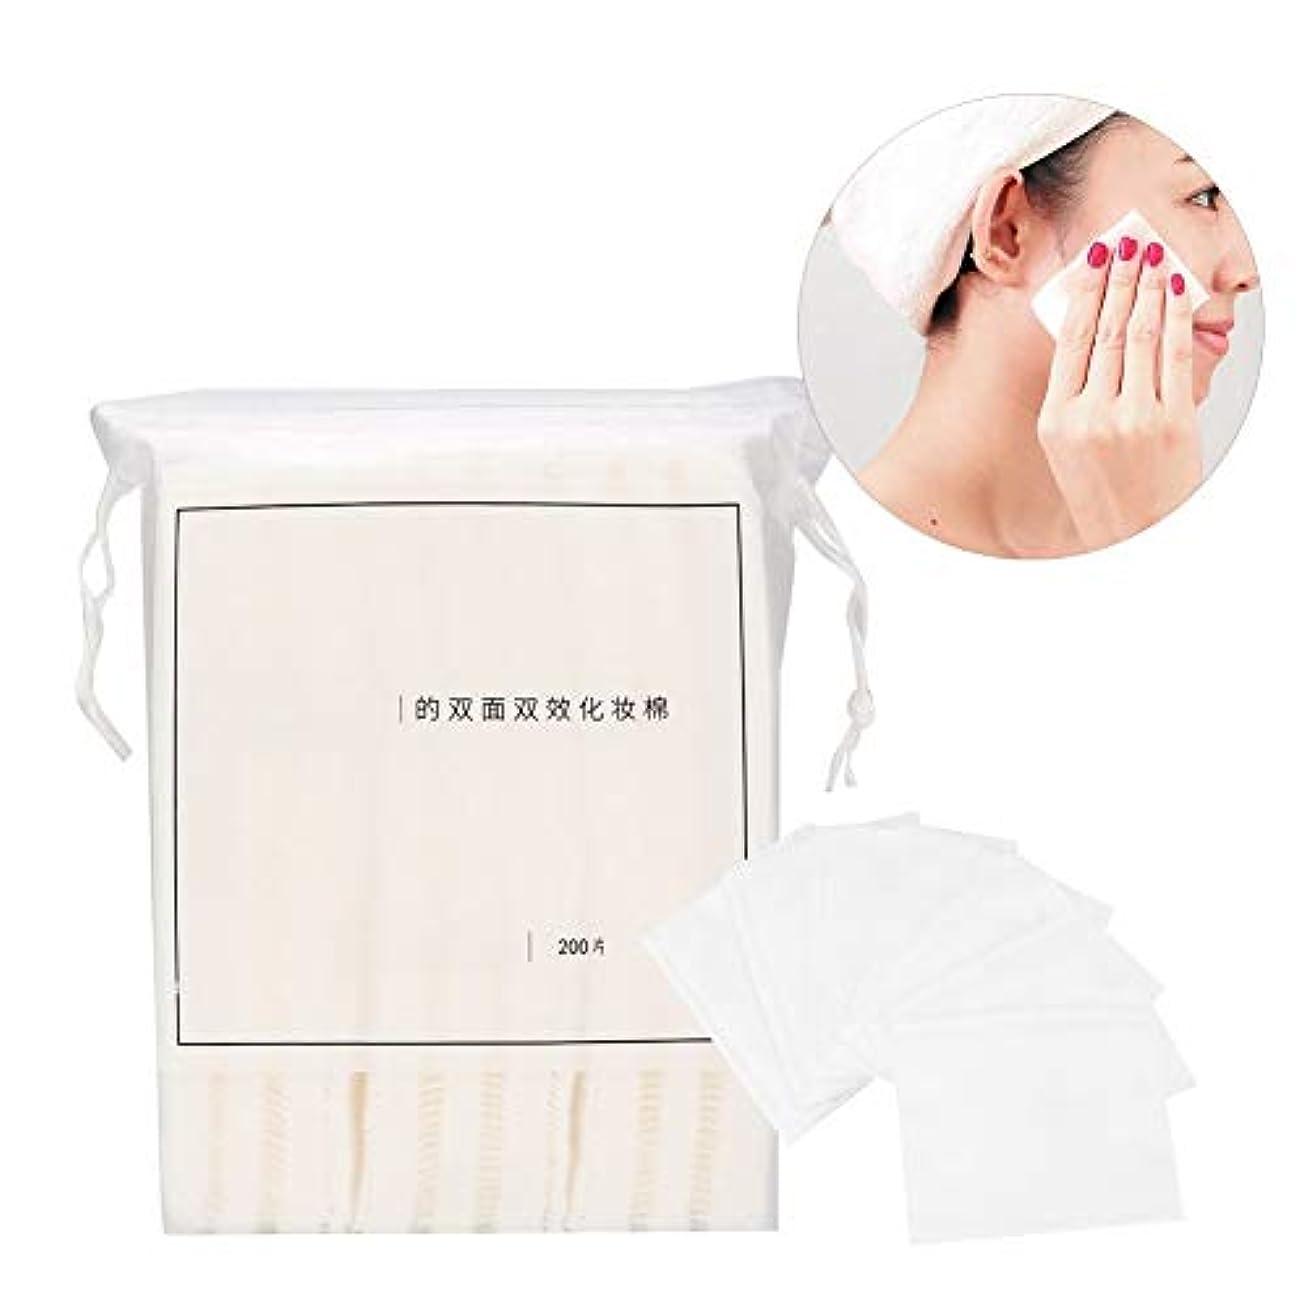 折り目衰える一見200個の化粧落としパッド、肌の角質除去とネイルケアのための両面と乾式の湿式デュアルユースコットンパッド、やわらかい涙抵抗の保水化粧品用綿(2)